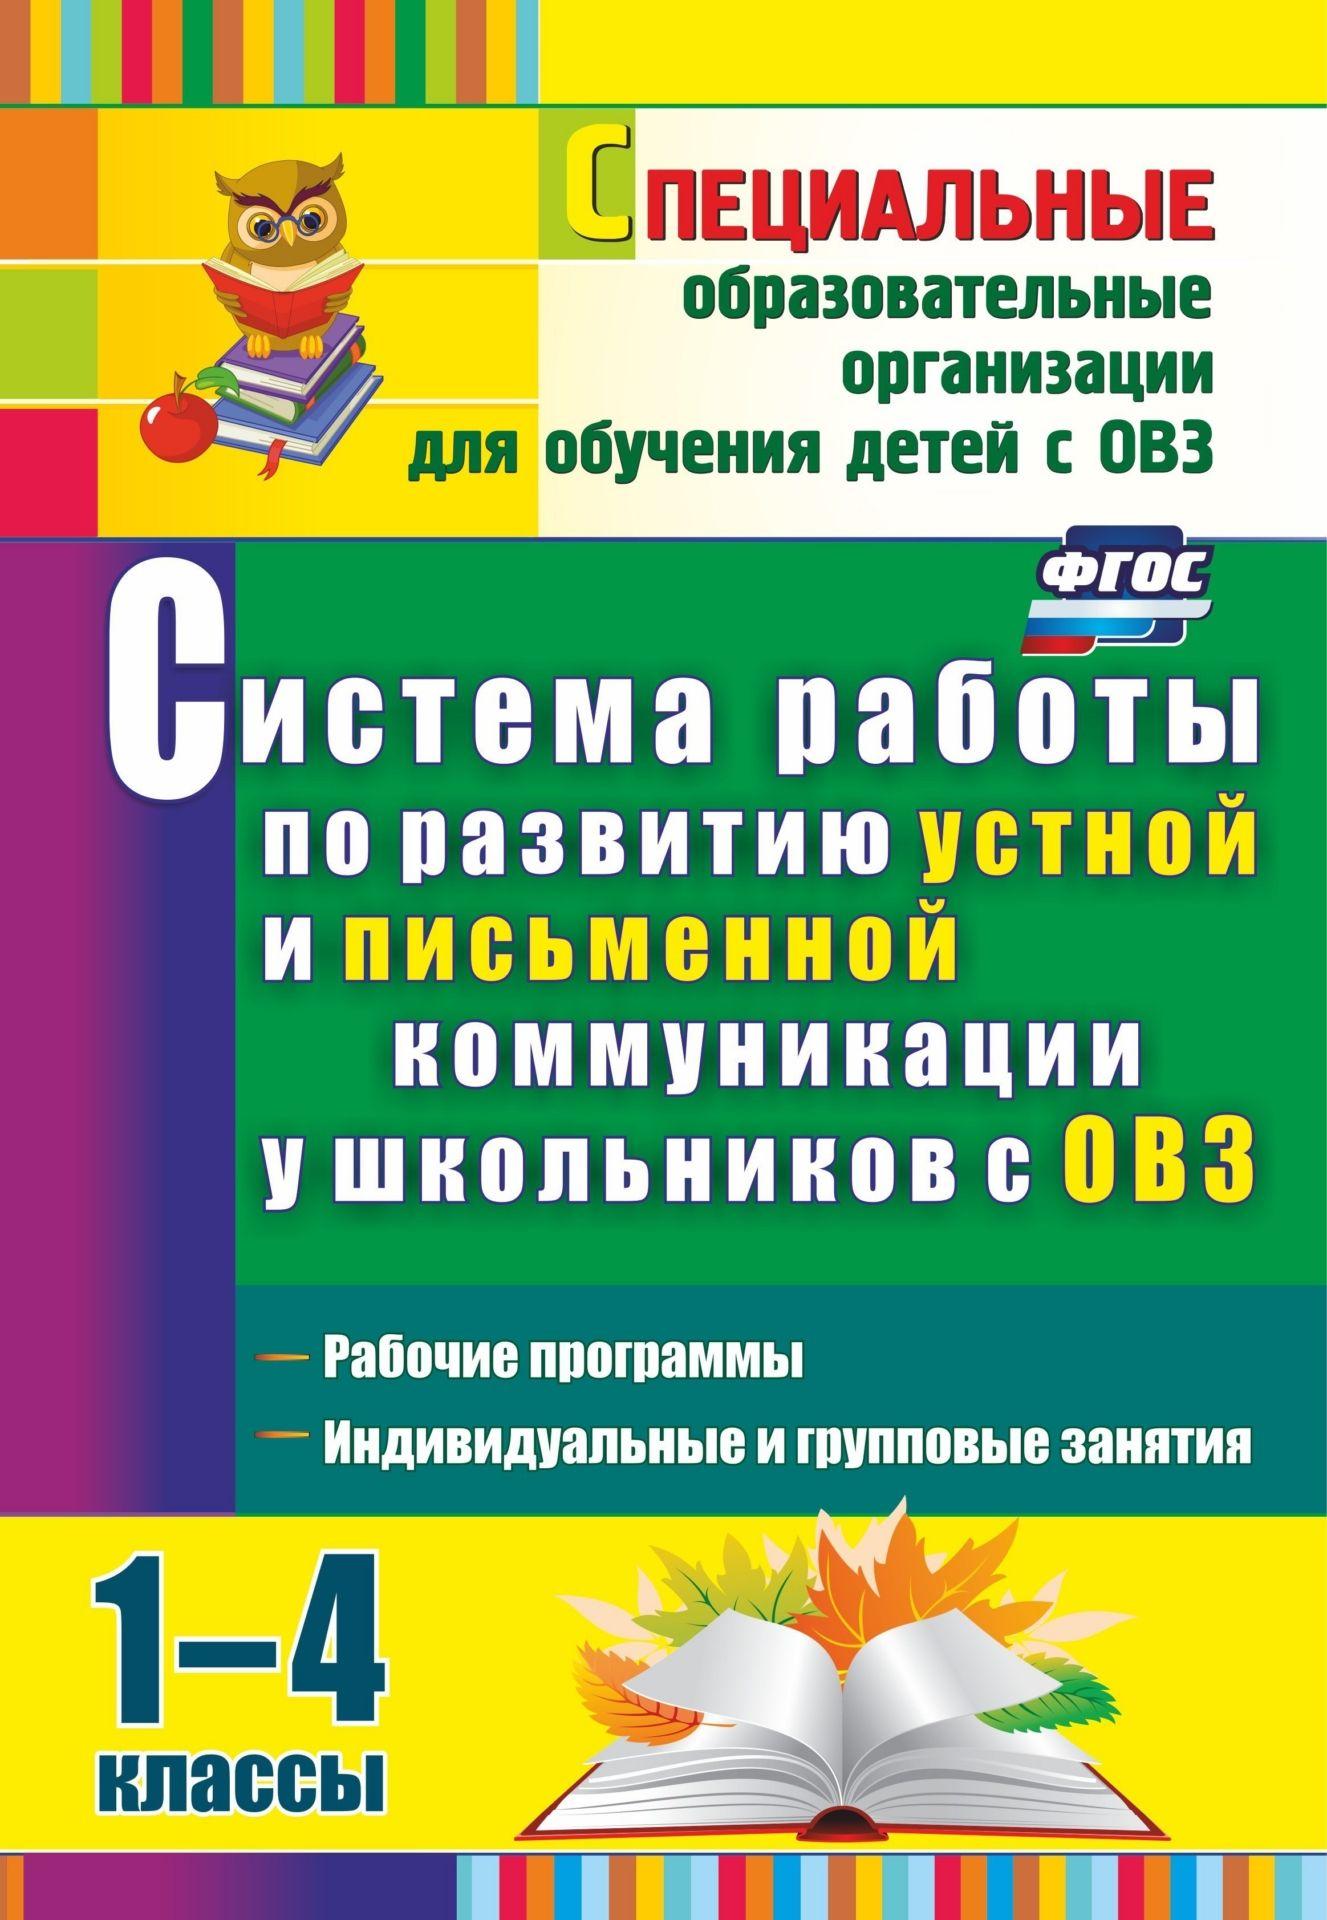 Система работы по развитию устной и письменной коммуникации у детей с ОВЗ. 1-4 классы: рабочие программы, индивидуальные групповые занятия. Программа для установки через Интернет